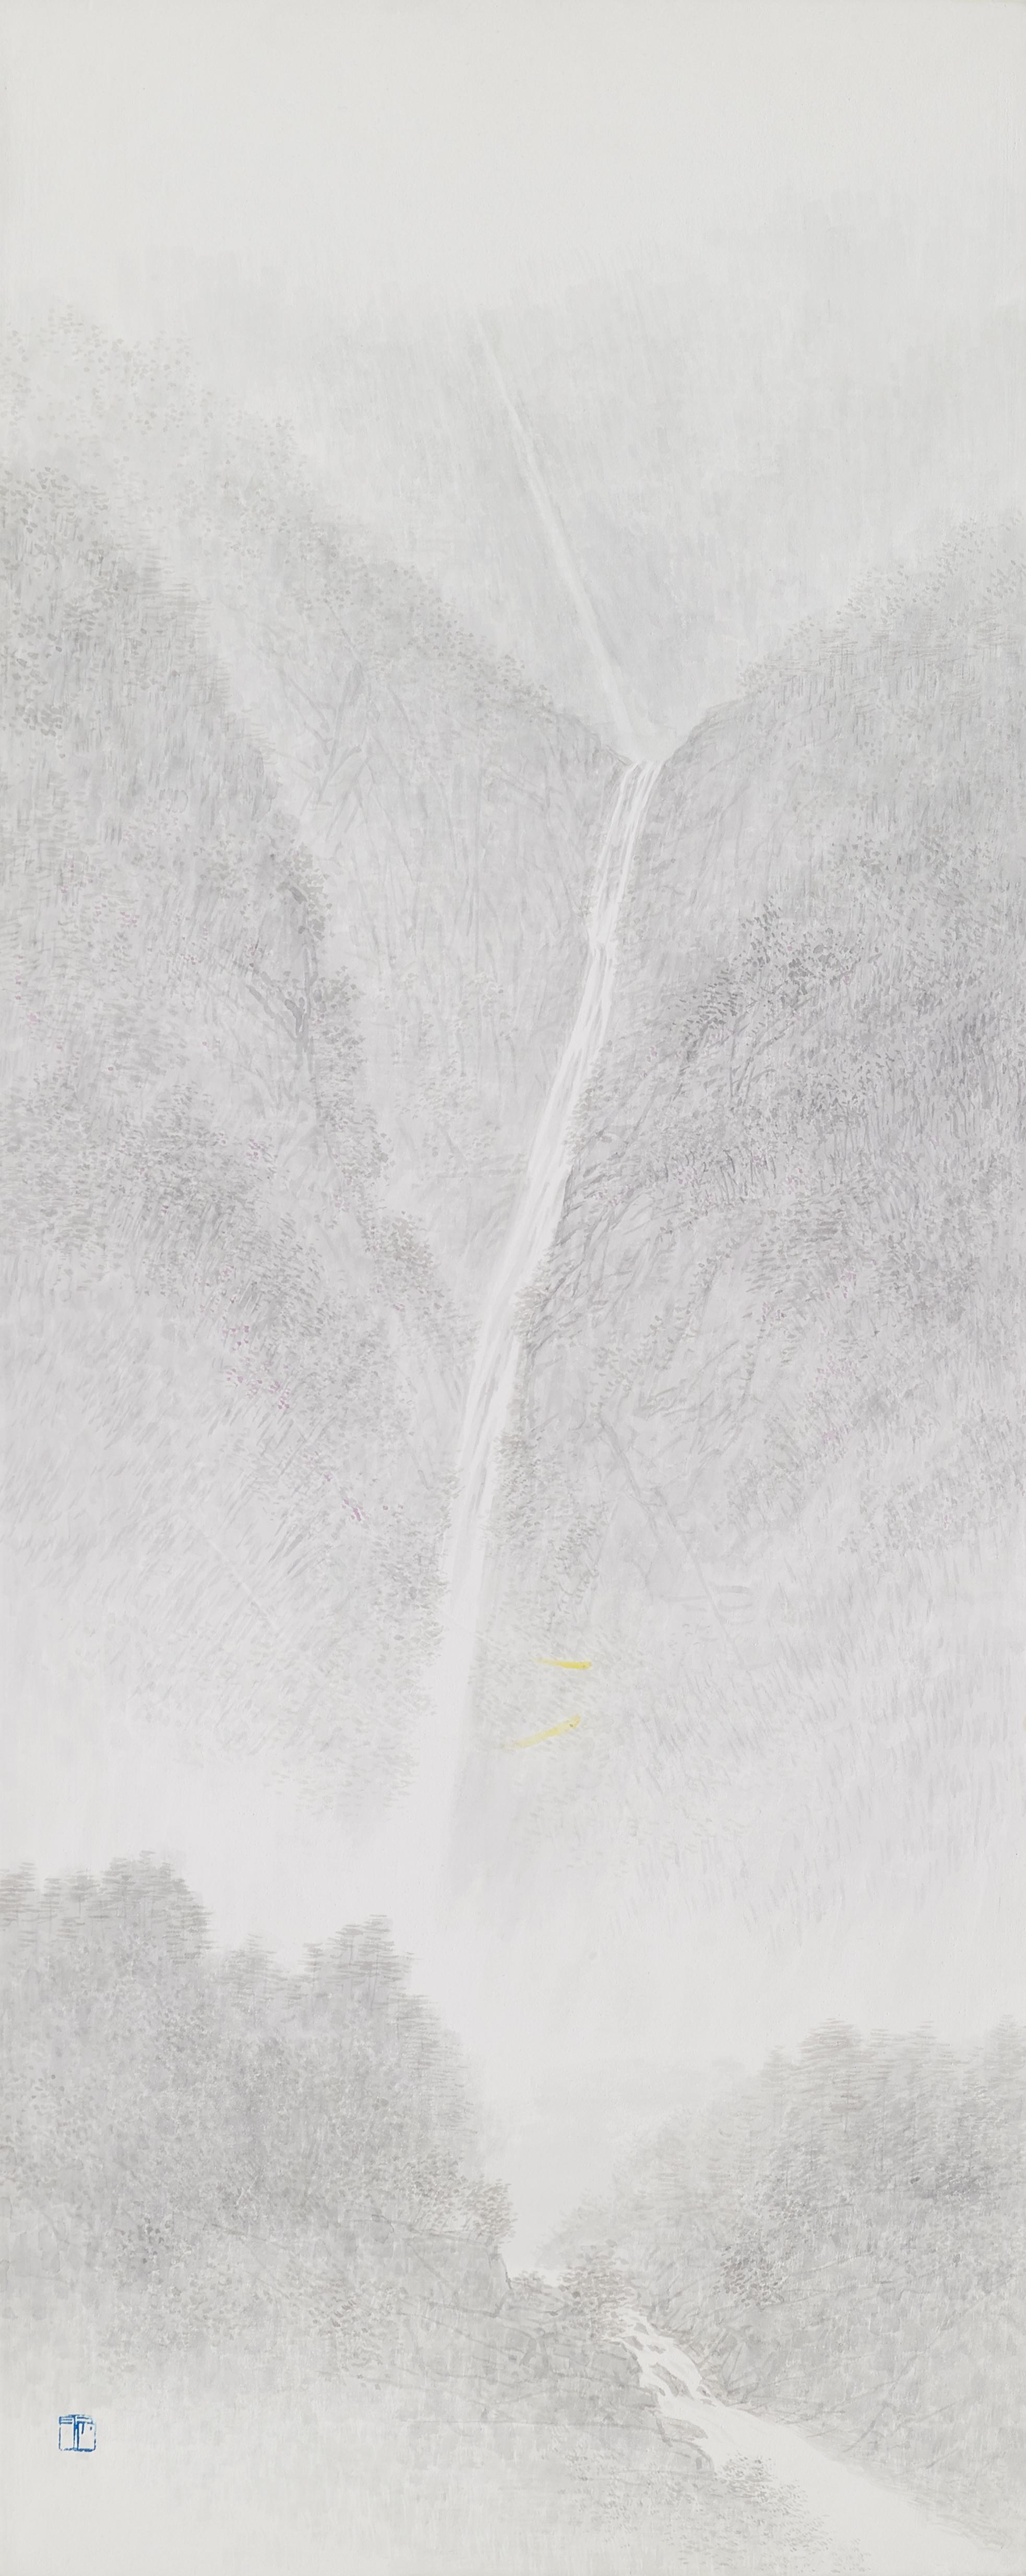 임태규 흐린 풍경-幾2 33X90 한지 위에 백토 수묵담채 2018(20